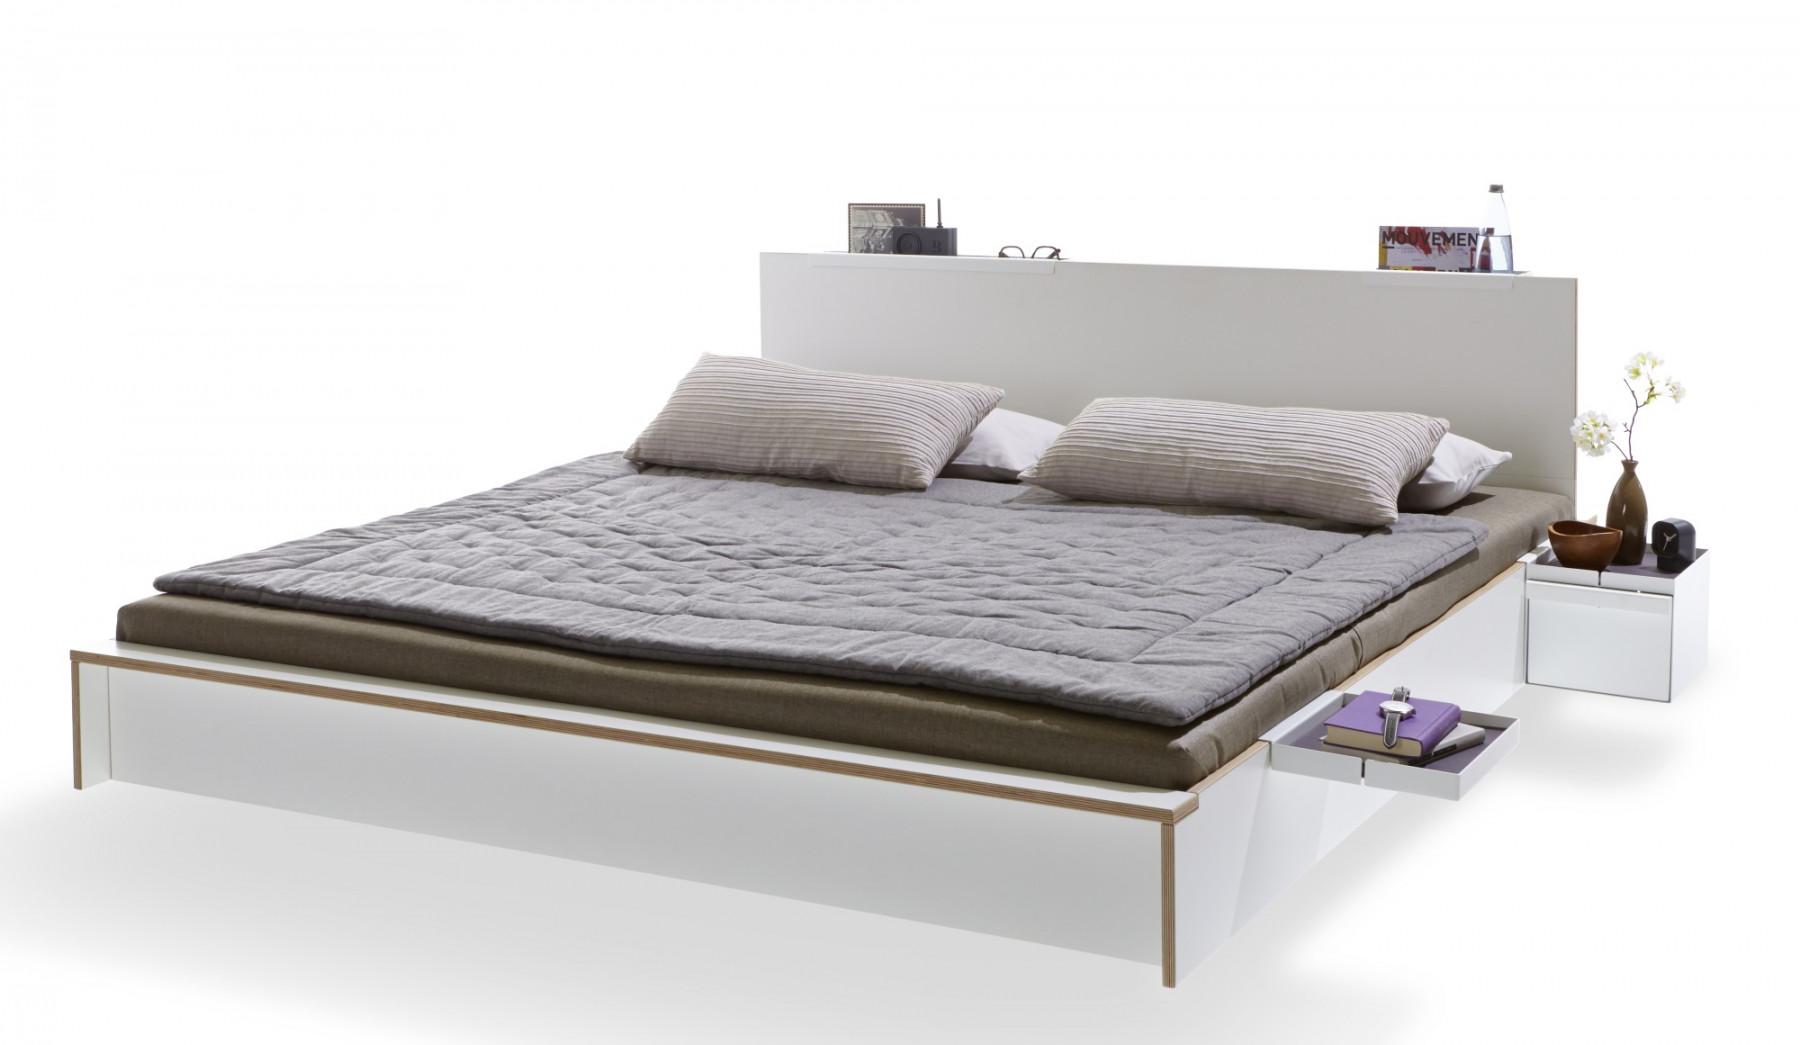 Full Size of Bett Im Schrank Matratze 90x200 Weiß Stauraum 160x200 Flexa Betten überlänge Jabo 120x200 Tagesdecke 140x200 Tempur Mit Schubladen Bettkasten Massivholz Bett Bett 160x220